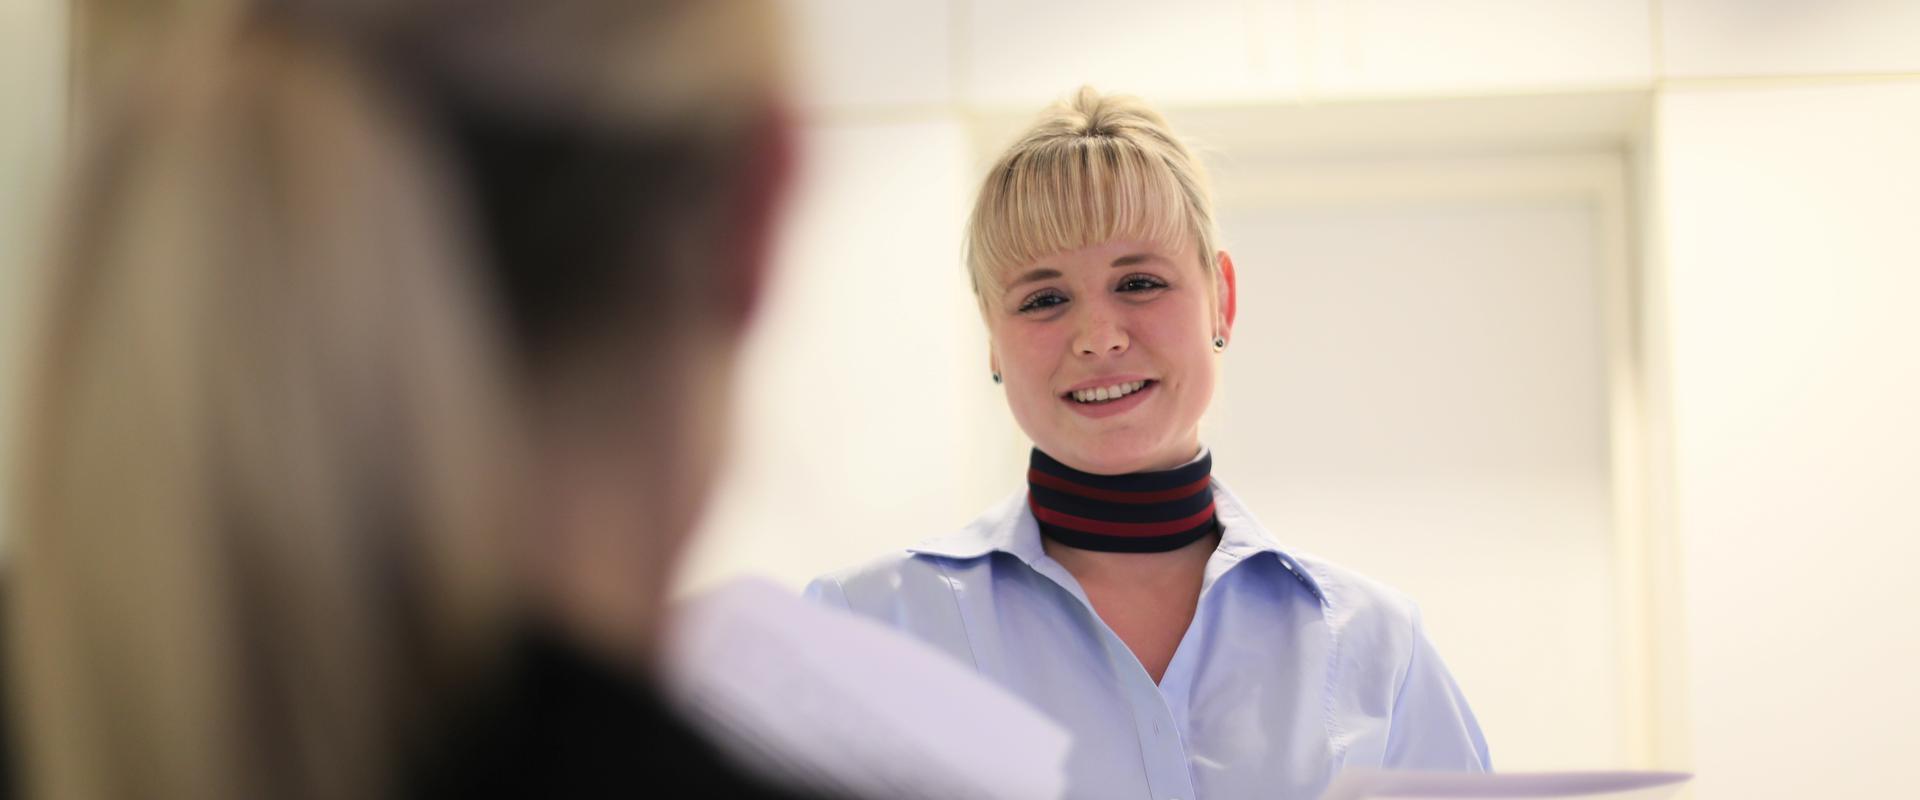 Therapeutin spricht mit einer Patientin in der MEDIAN Klinik Bad Tennstedt